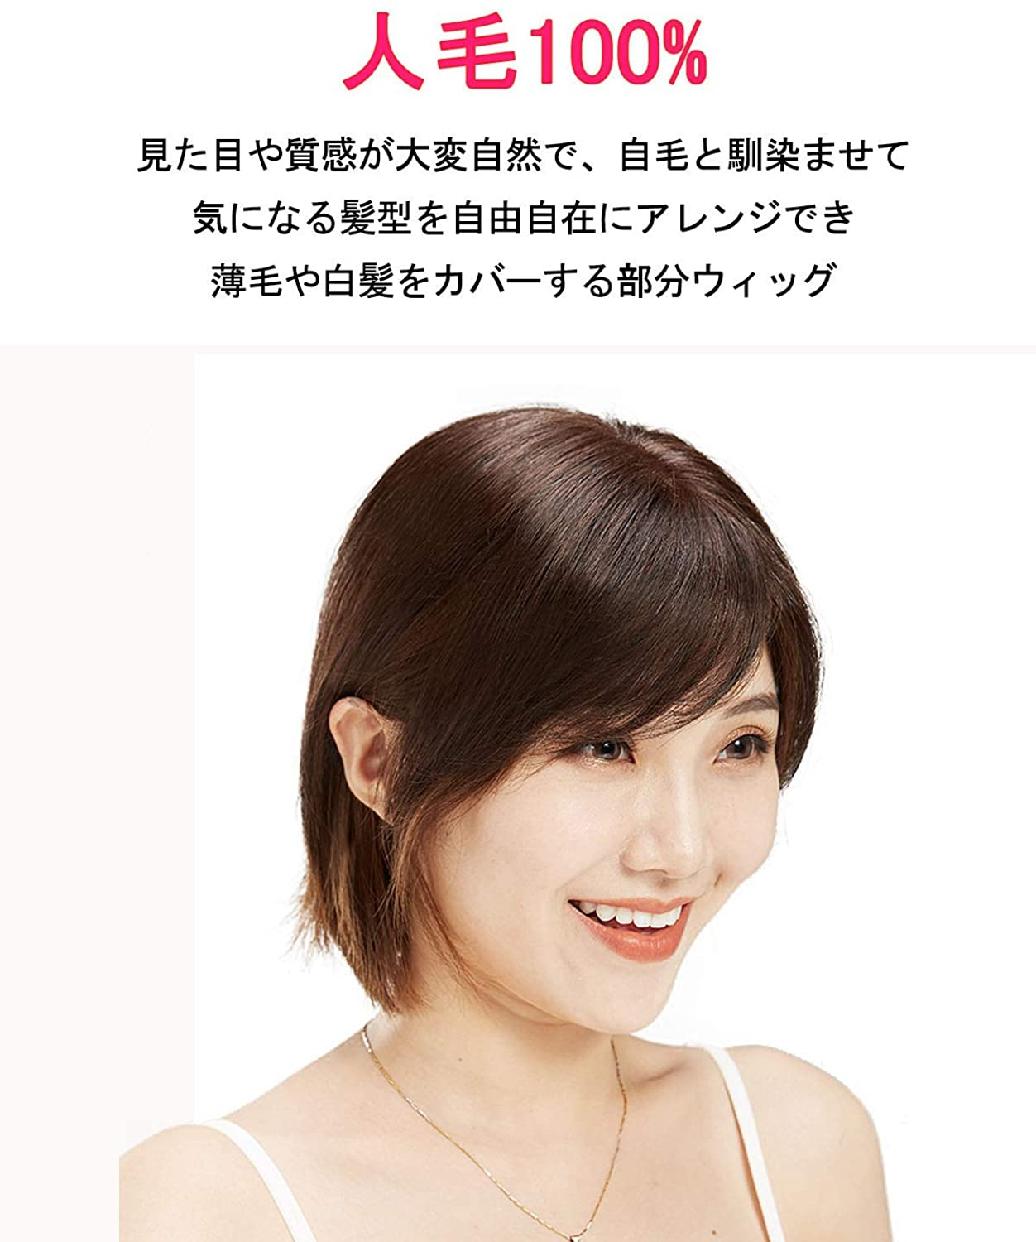 HIYE(ハイヤ) 前髪 つむじ ヘアピース 部分ウィッグの商品画像4